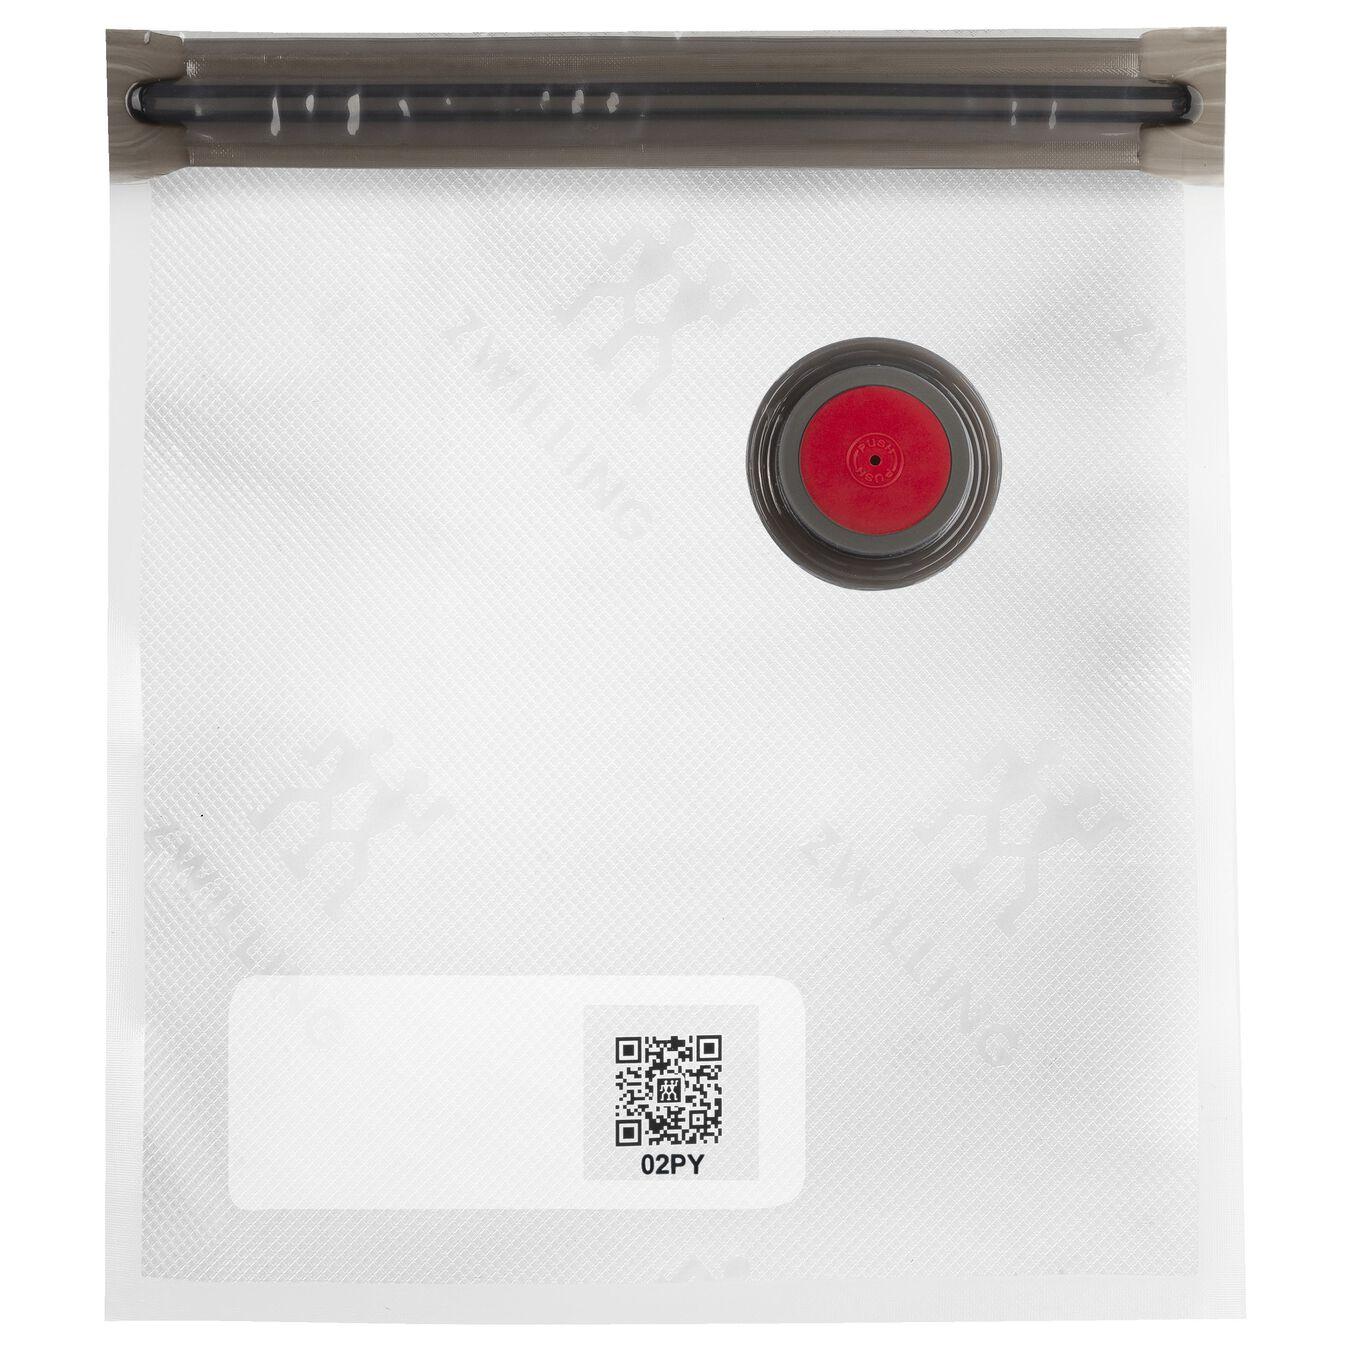 Vakuum Starterset, S/M / 7-tlg, Kunststoff, Weiß,,large 9